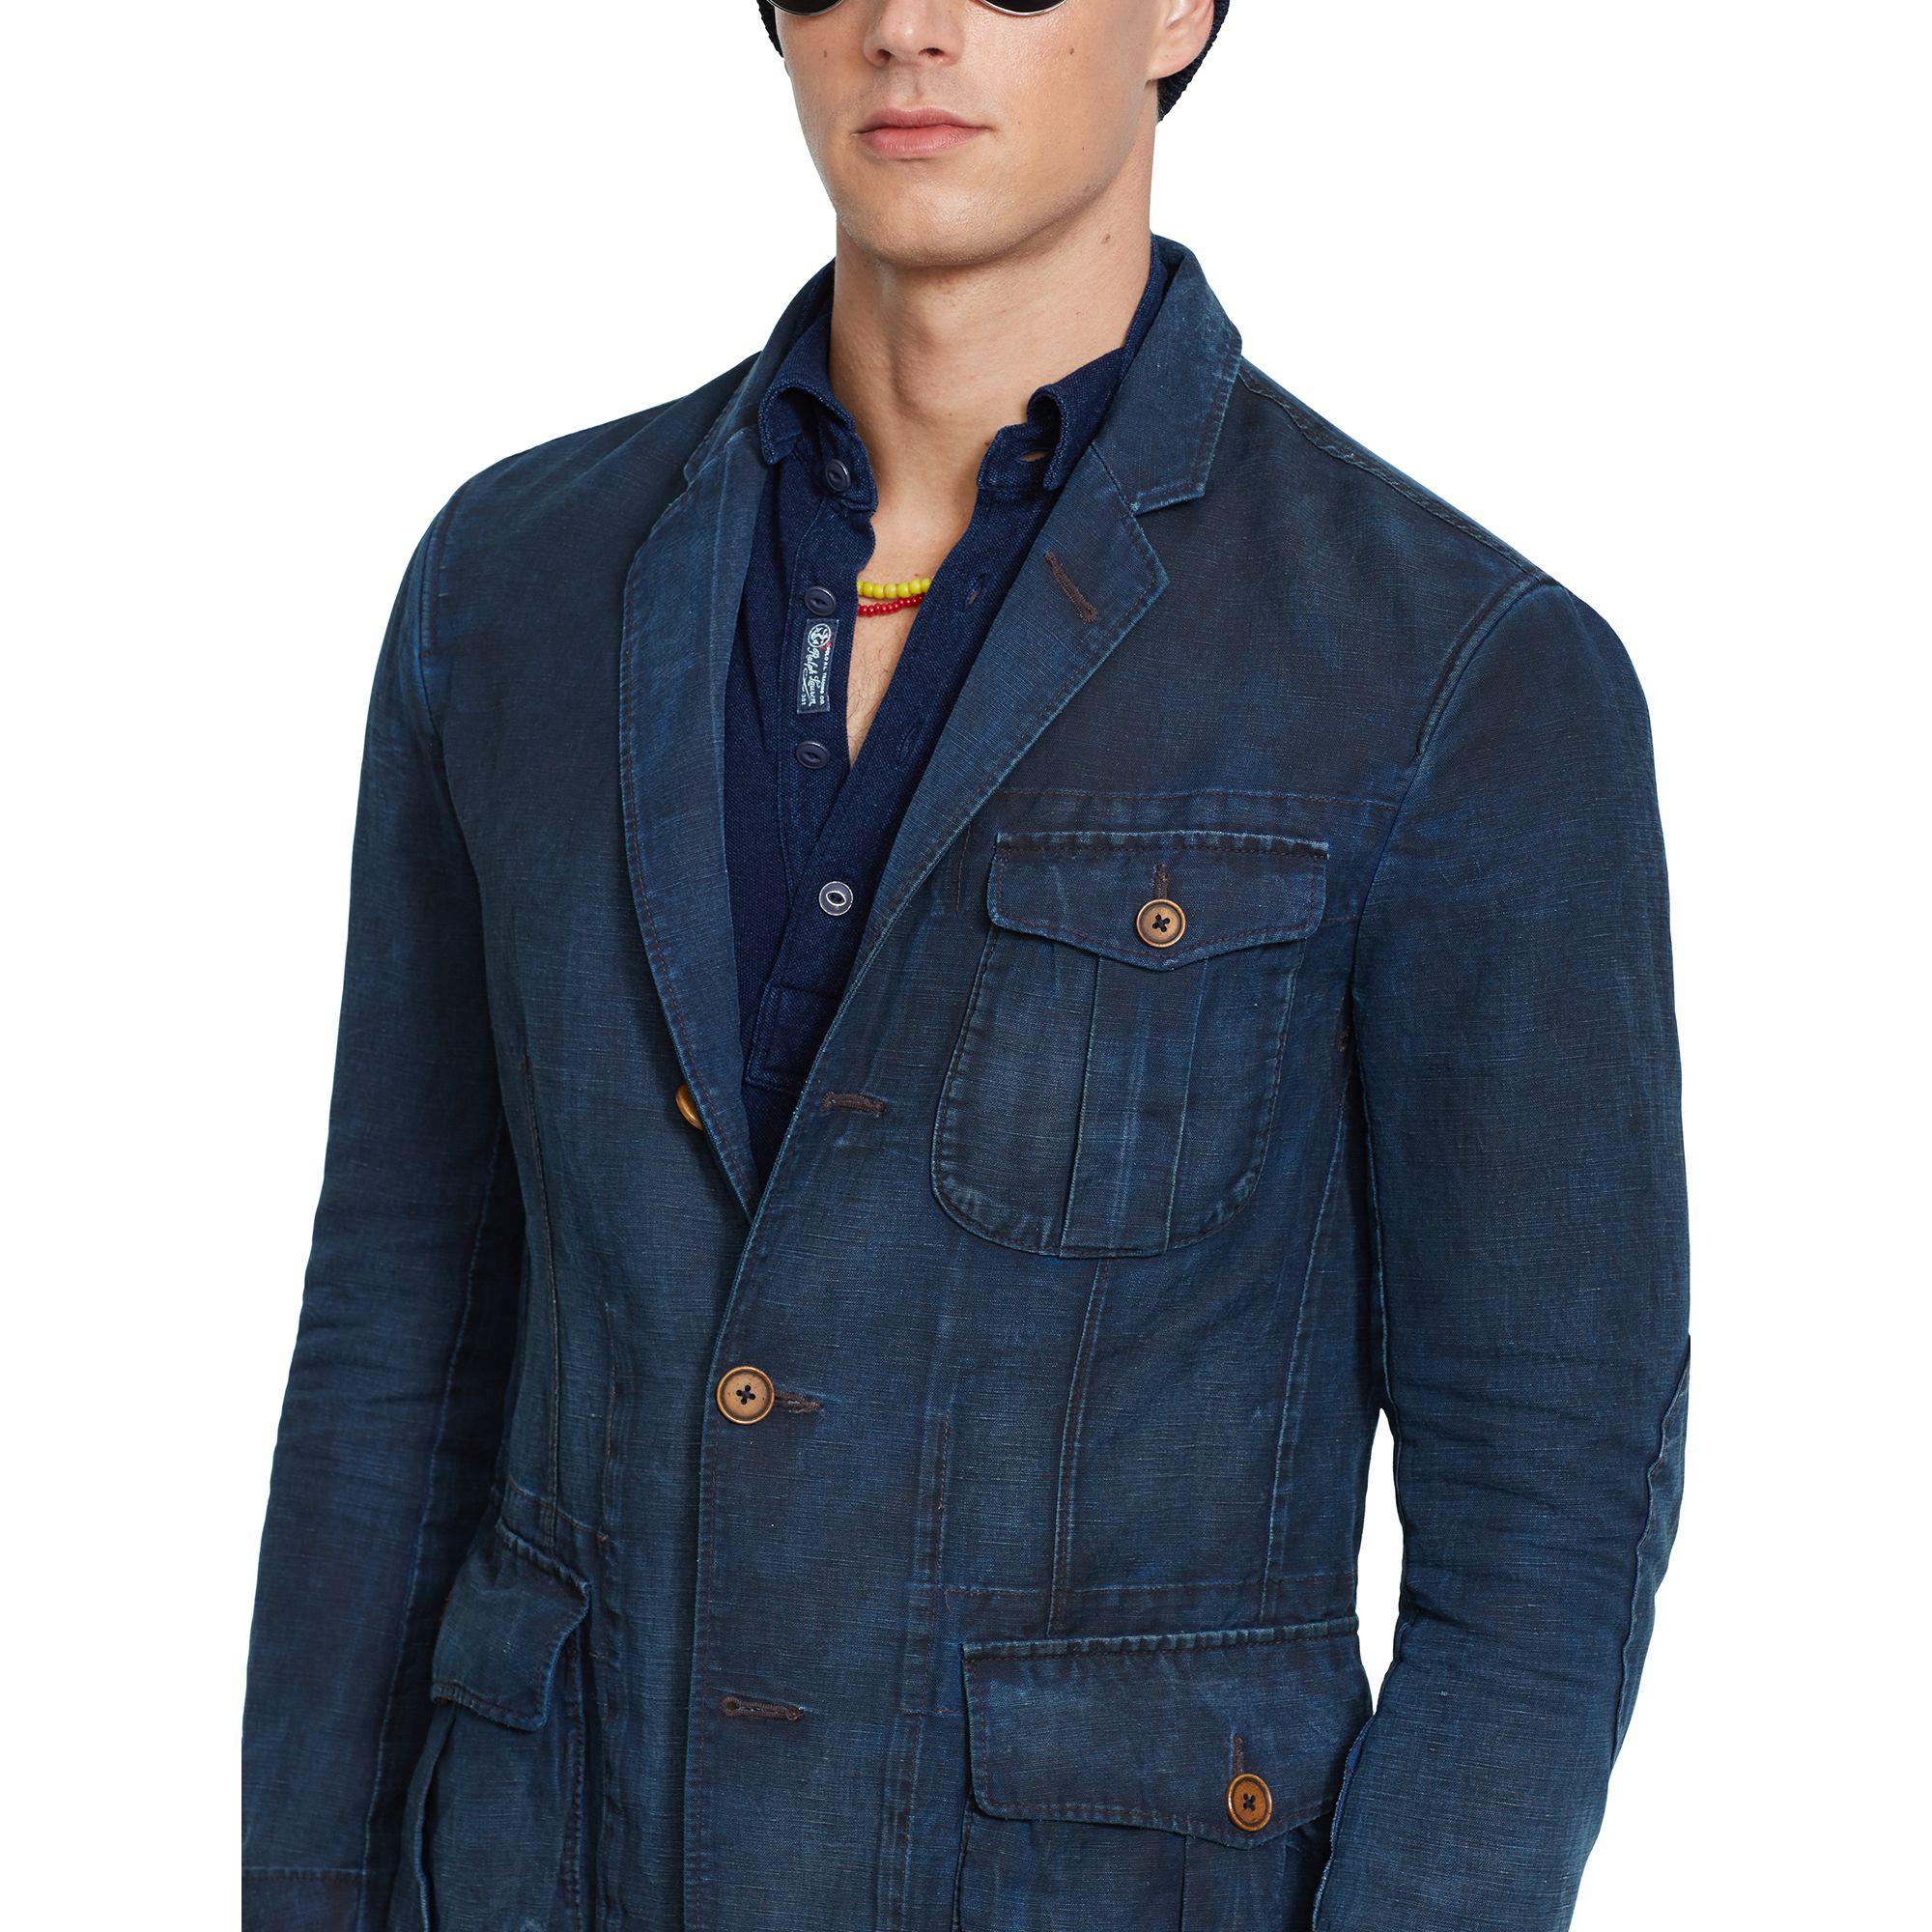 Ralph Lauren Linen Shirts For Men